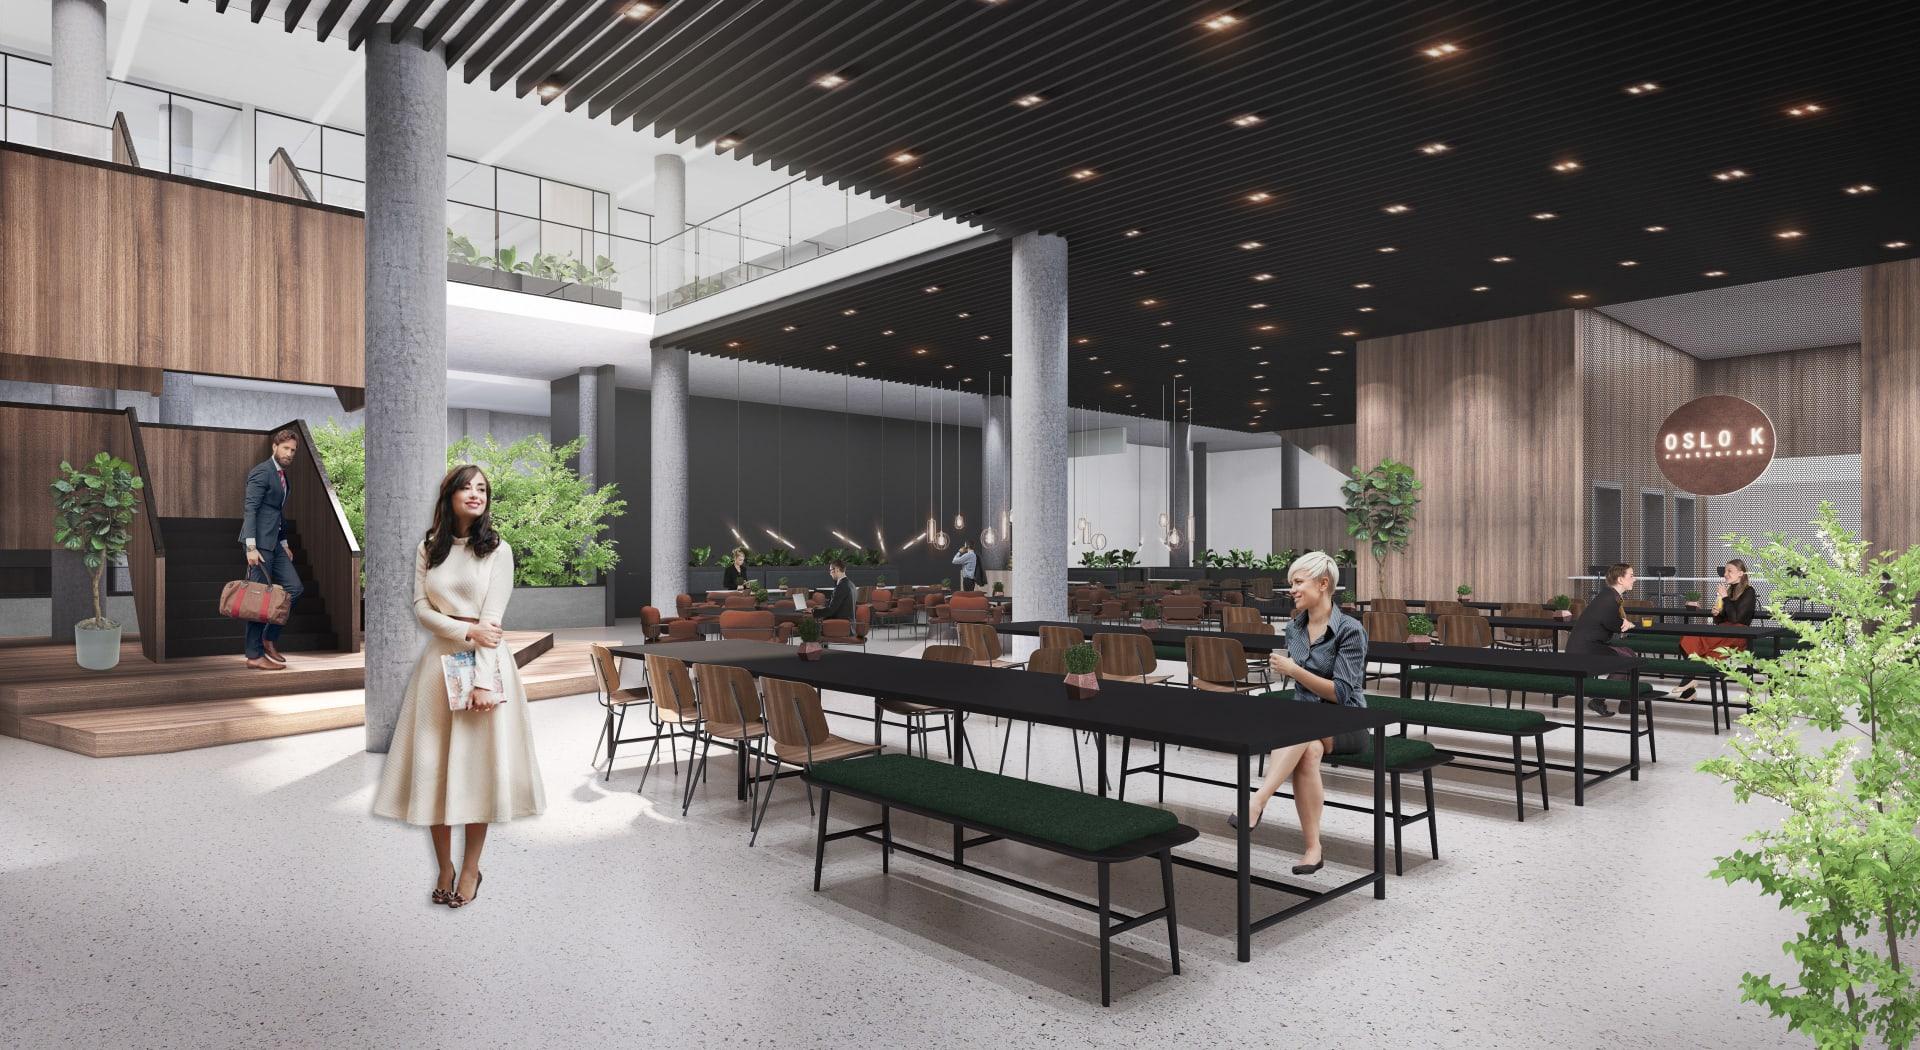 Første etasje i Oslo K blir et samlingssted, tilrettelagt for samarbeid. Her fra bedriftsrestauranten.